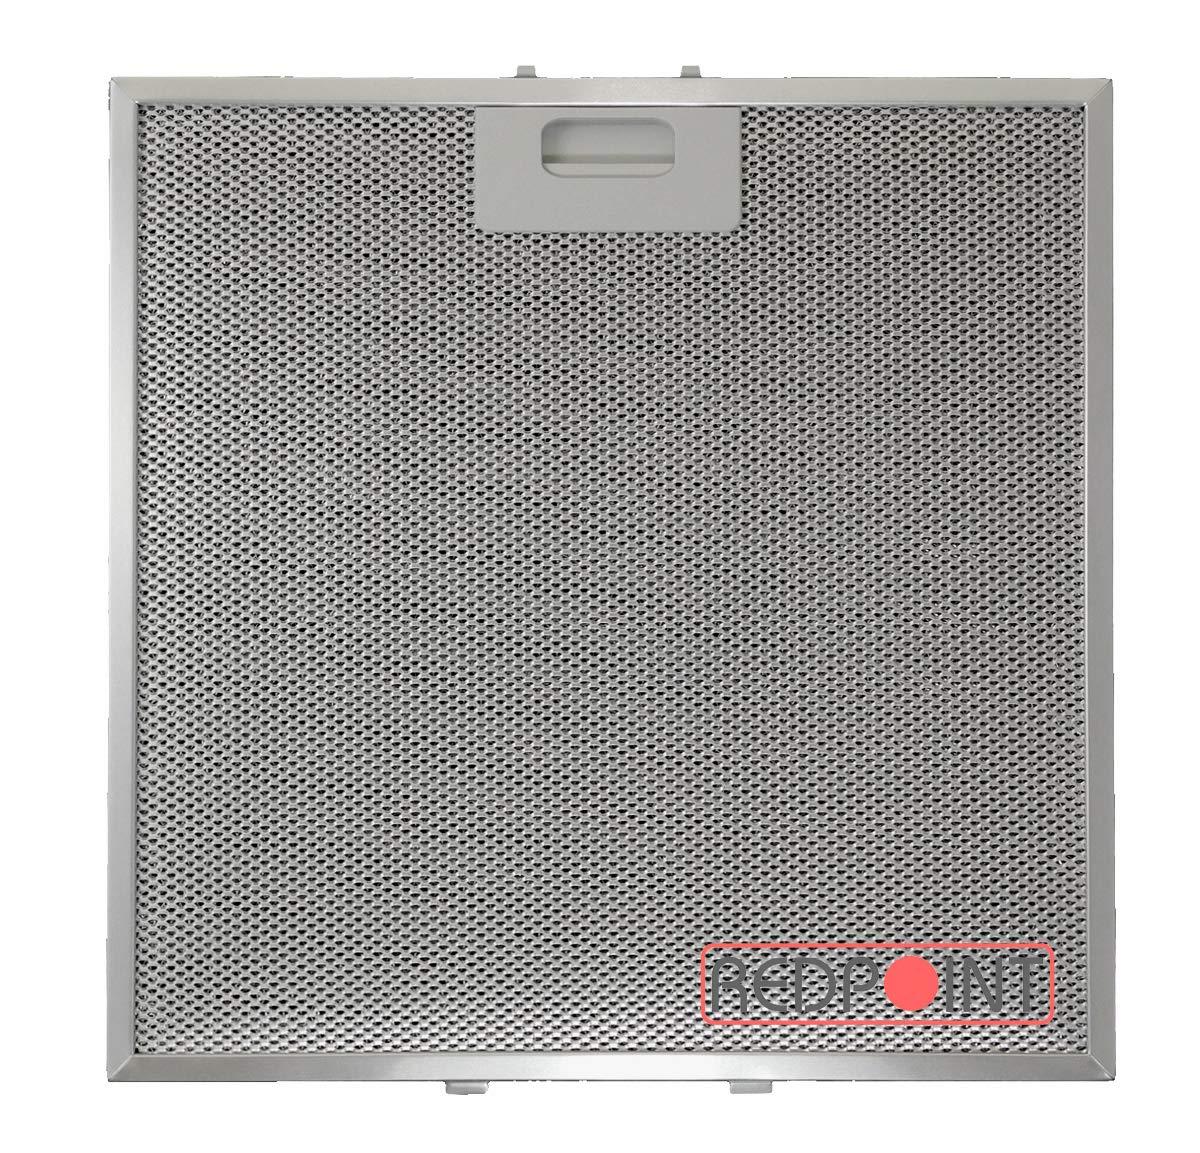 Filtro de aluminio para campanas Elica, 320 x 320 x 9 mm: Amazon.es: Hogar